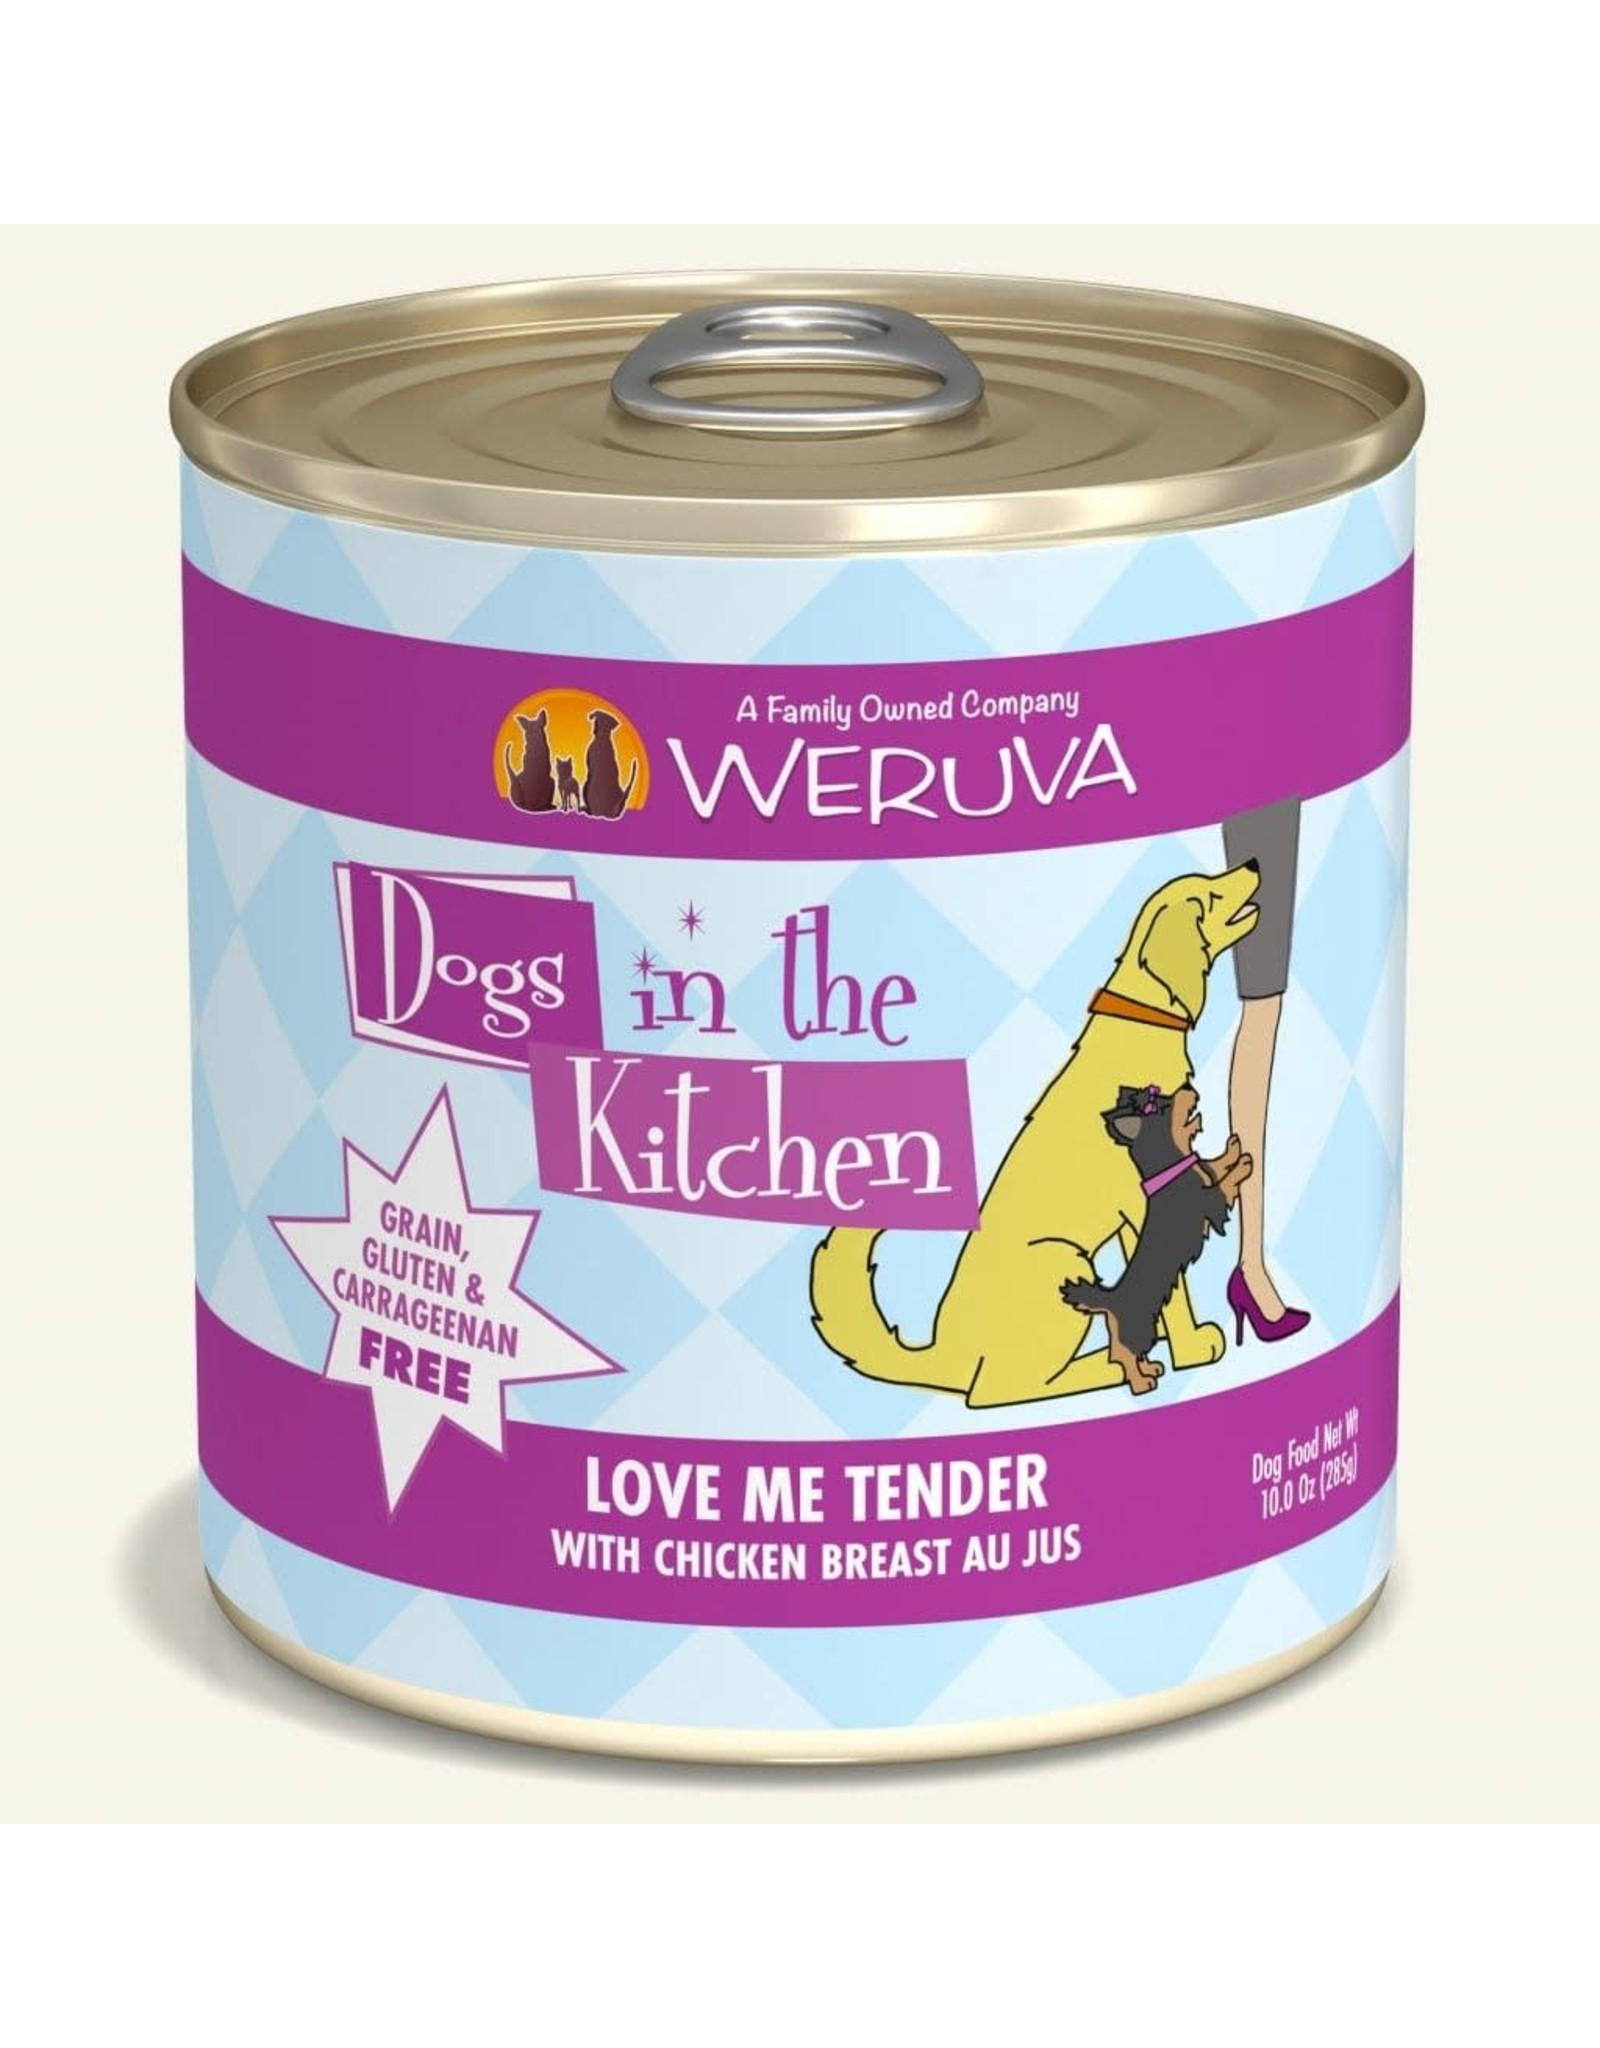 Weruva Weruva Dogs in the Kitchen Love Me Tender Chicken Breast Au Jus Dog Food 10oz